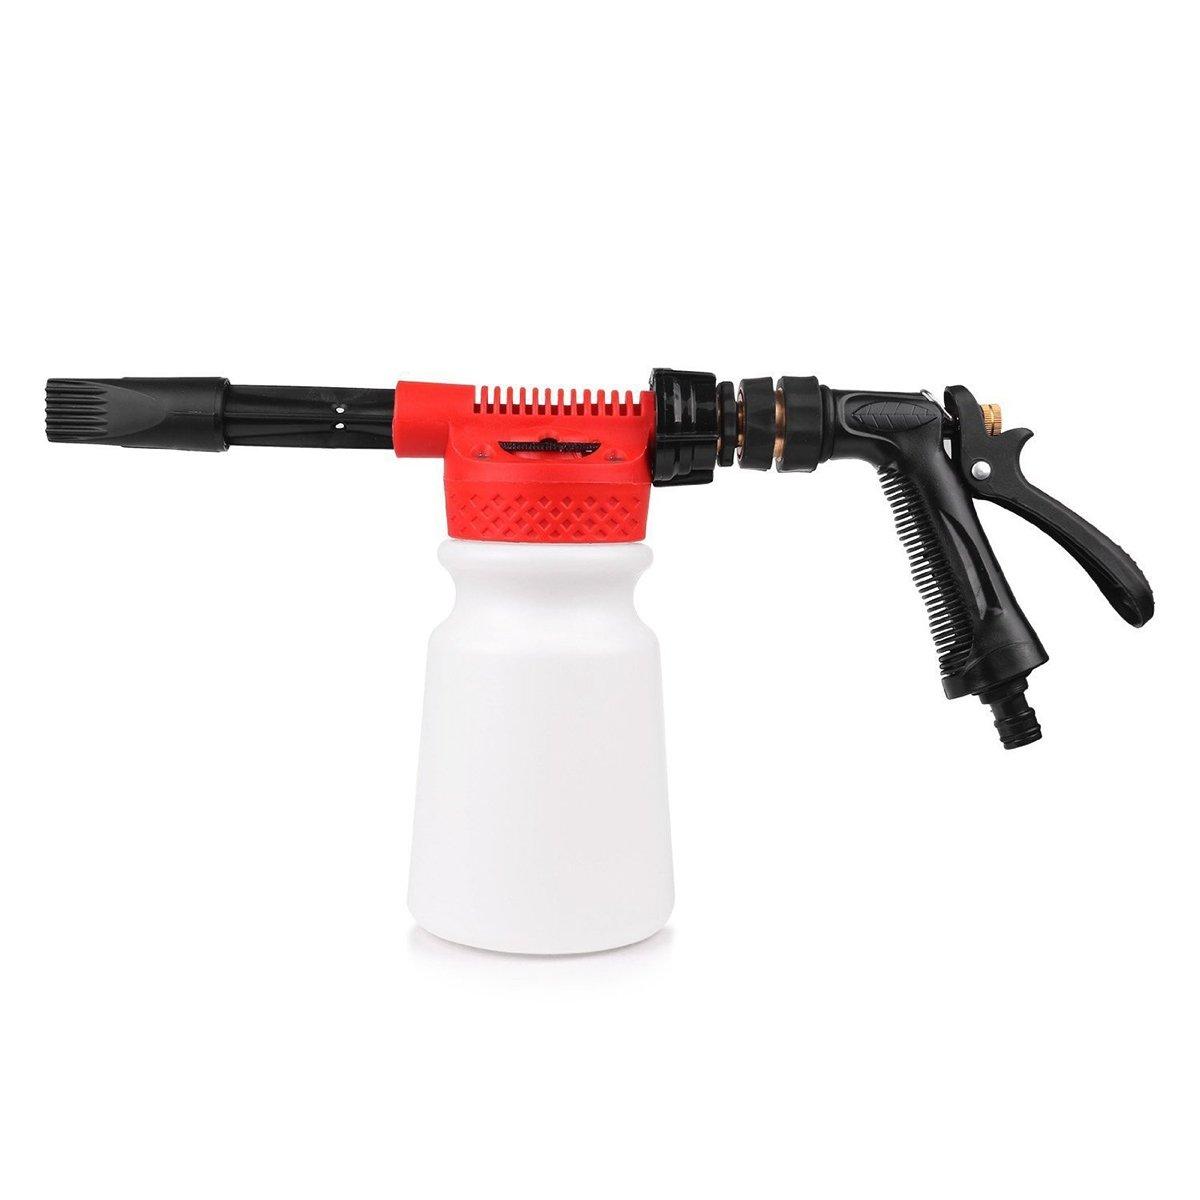 WINOMO Auto Pulizia Schiuma pistola multifunzionale lavaggio pistola acqua Sapone Shampoo spruzzatore 900 ML per auto camion camper